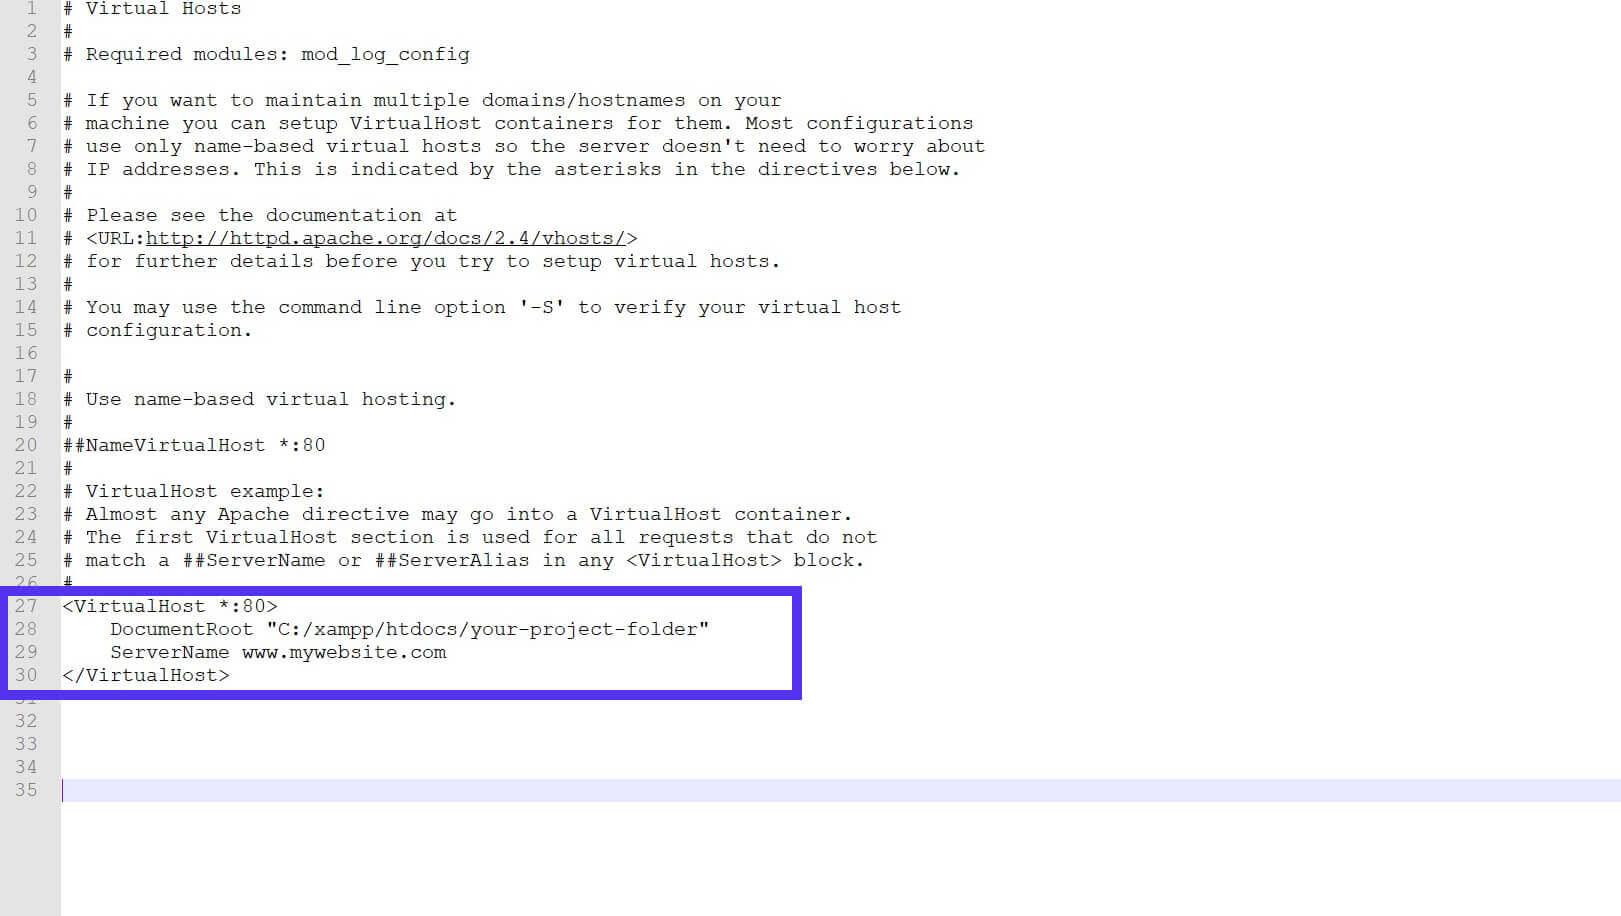 Dieser aktualisierte Text wird XAMPP helfen, die index.php Datei zu finden.